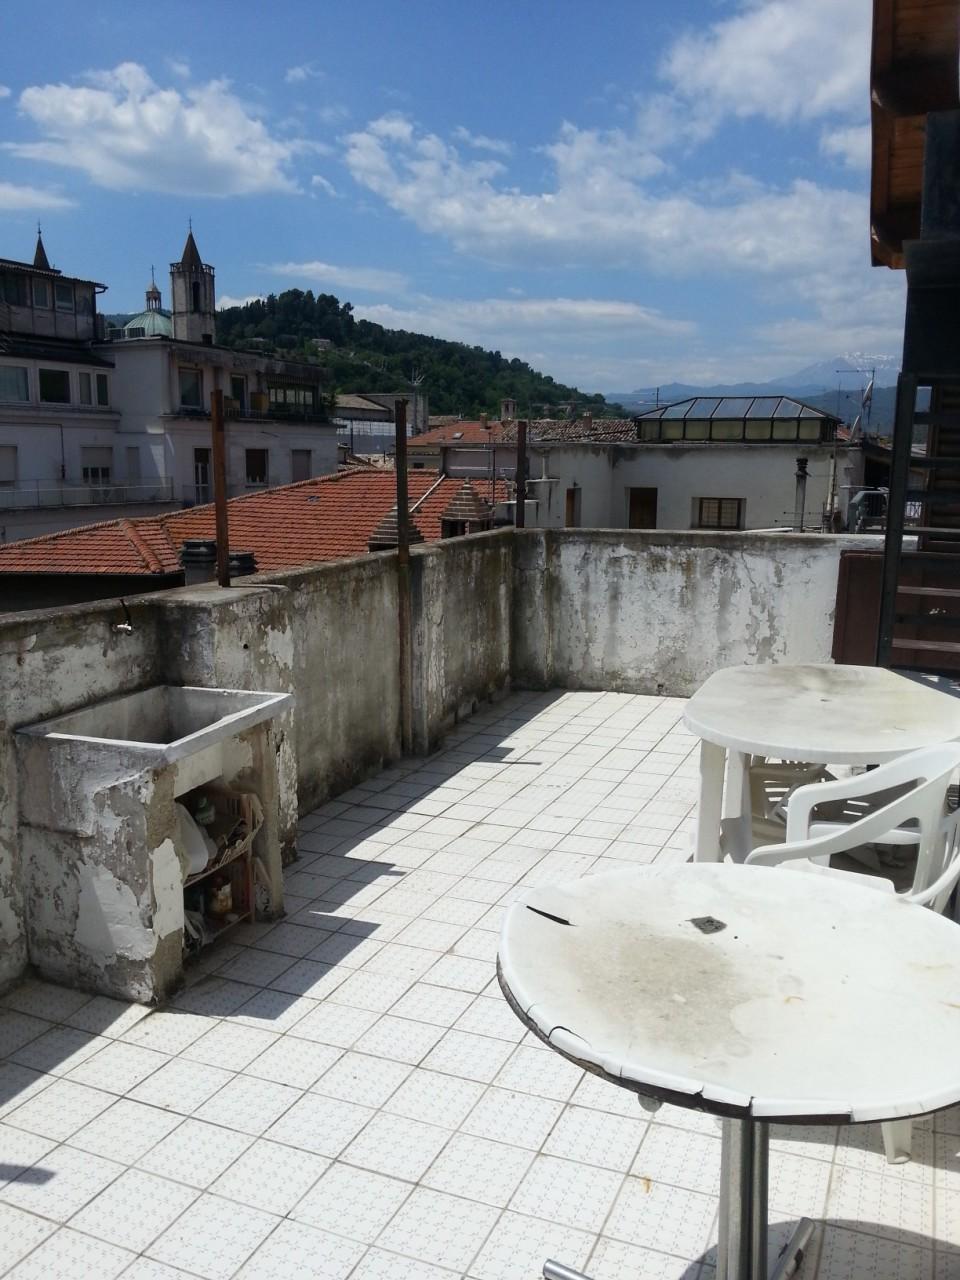 Appartamento in vendita a Ascoli Piceno, 5 locali, zona Località: CentroStorico, prezzo € 170.000 | Cambio Casa.it